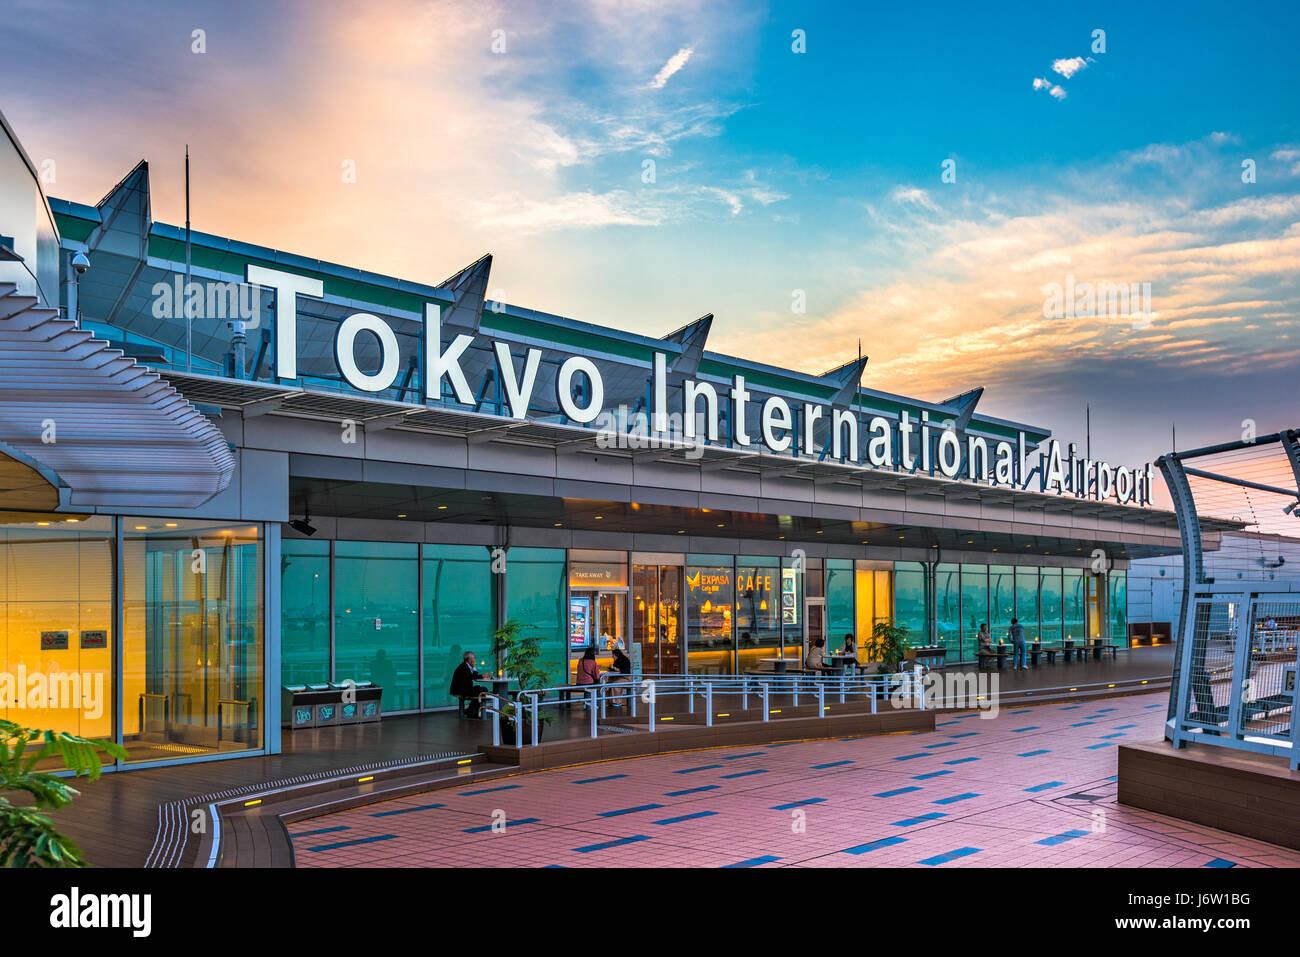 TOKYO, JAPON - 11 MAI 2017: l'extérieur de l'Aéroport International de Tokyo, mieux connu Photo Stock